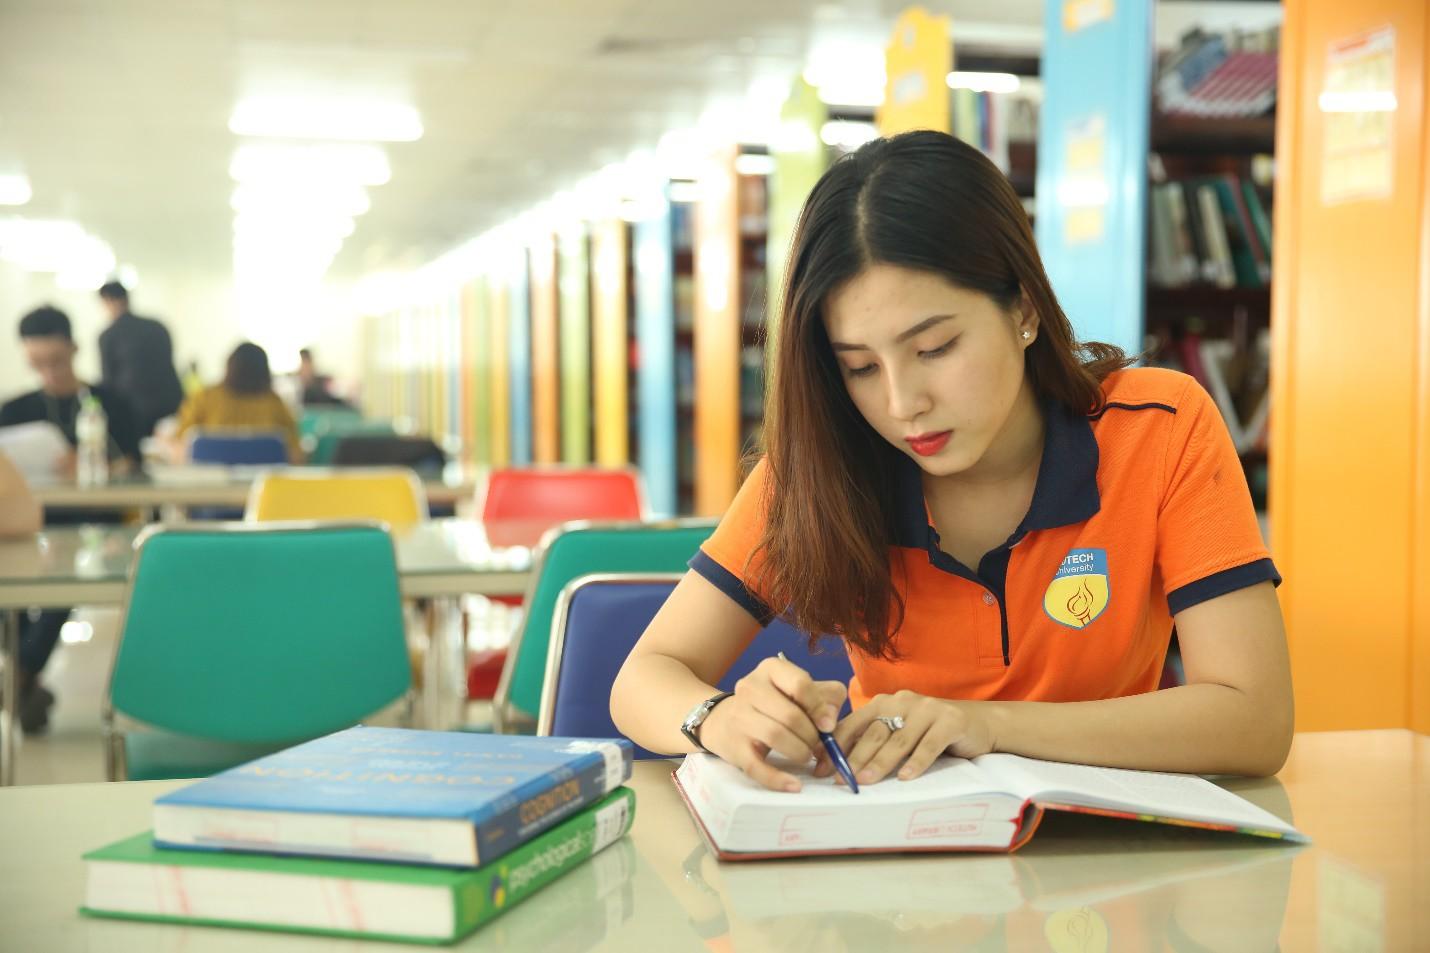 Loạt gợi ý hay ho giúp bạn giảm stress trước kỳ thi THPT - Ảnh 3.